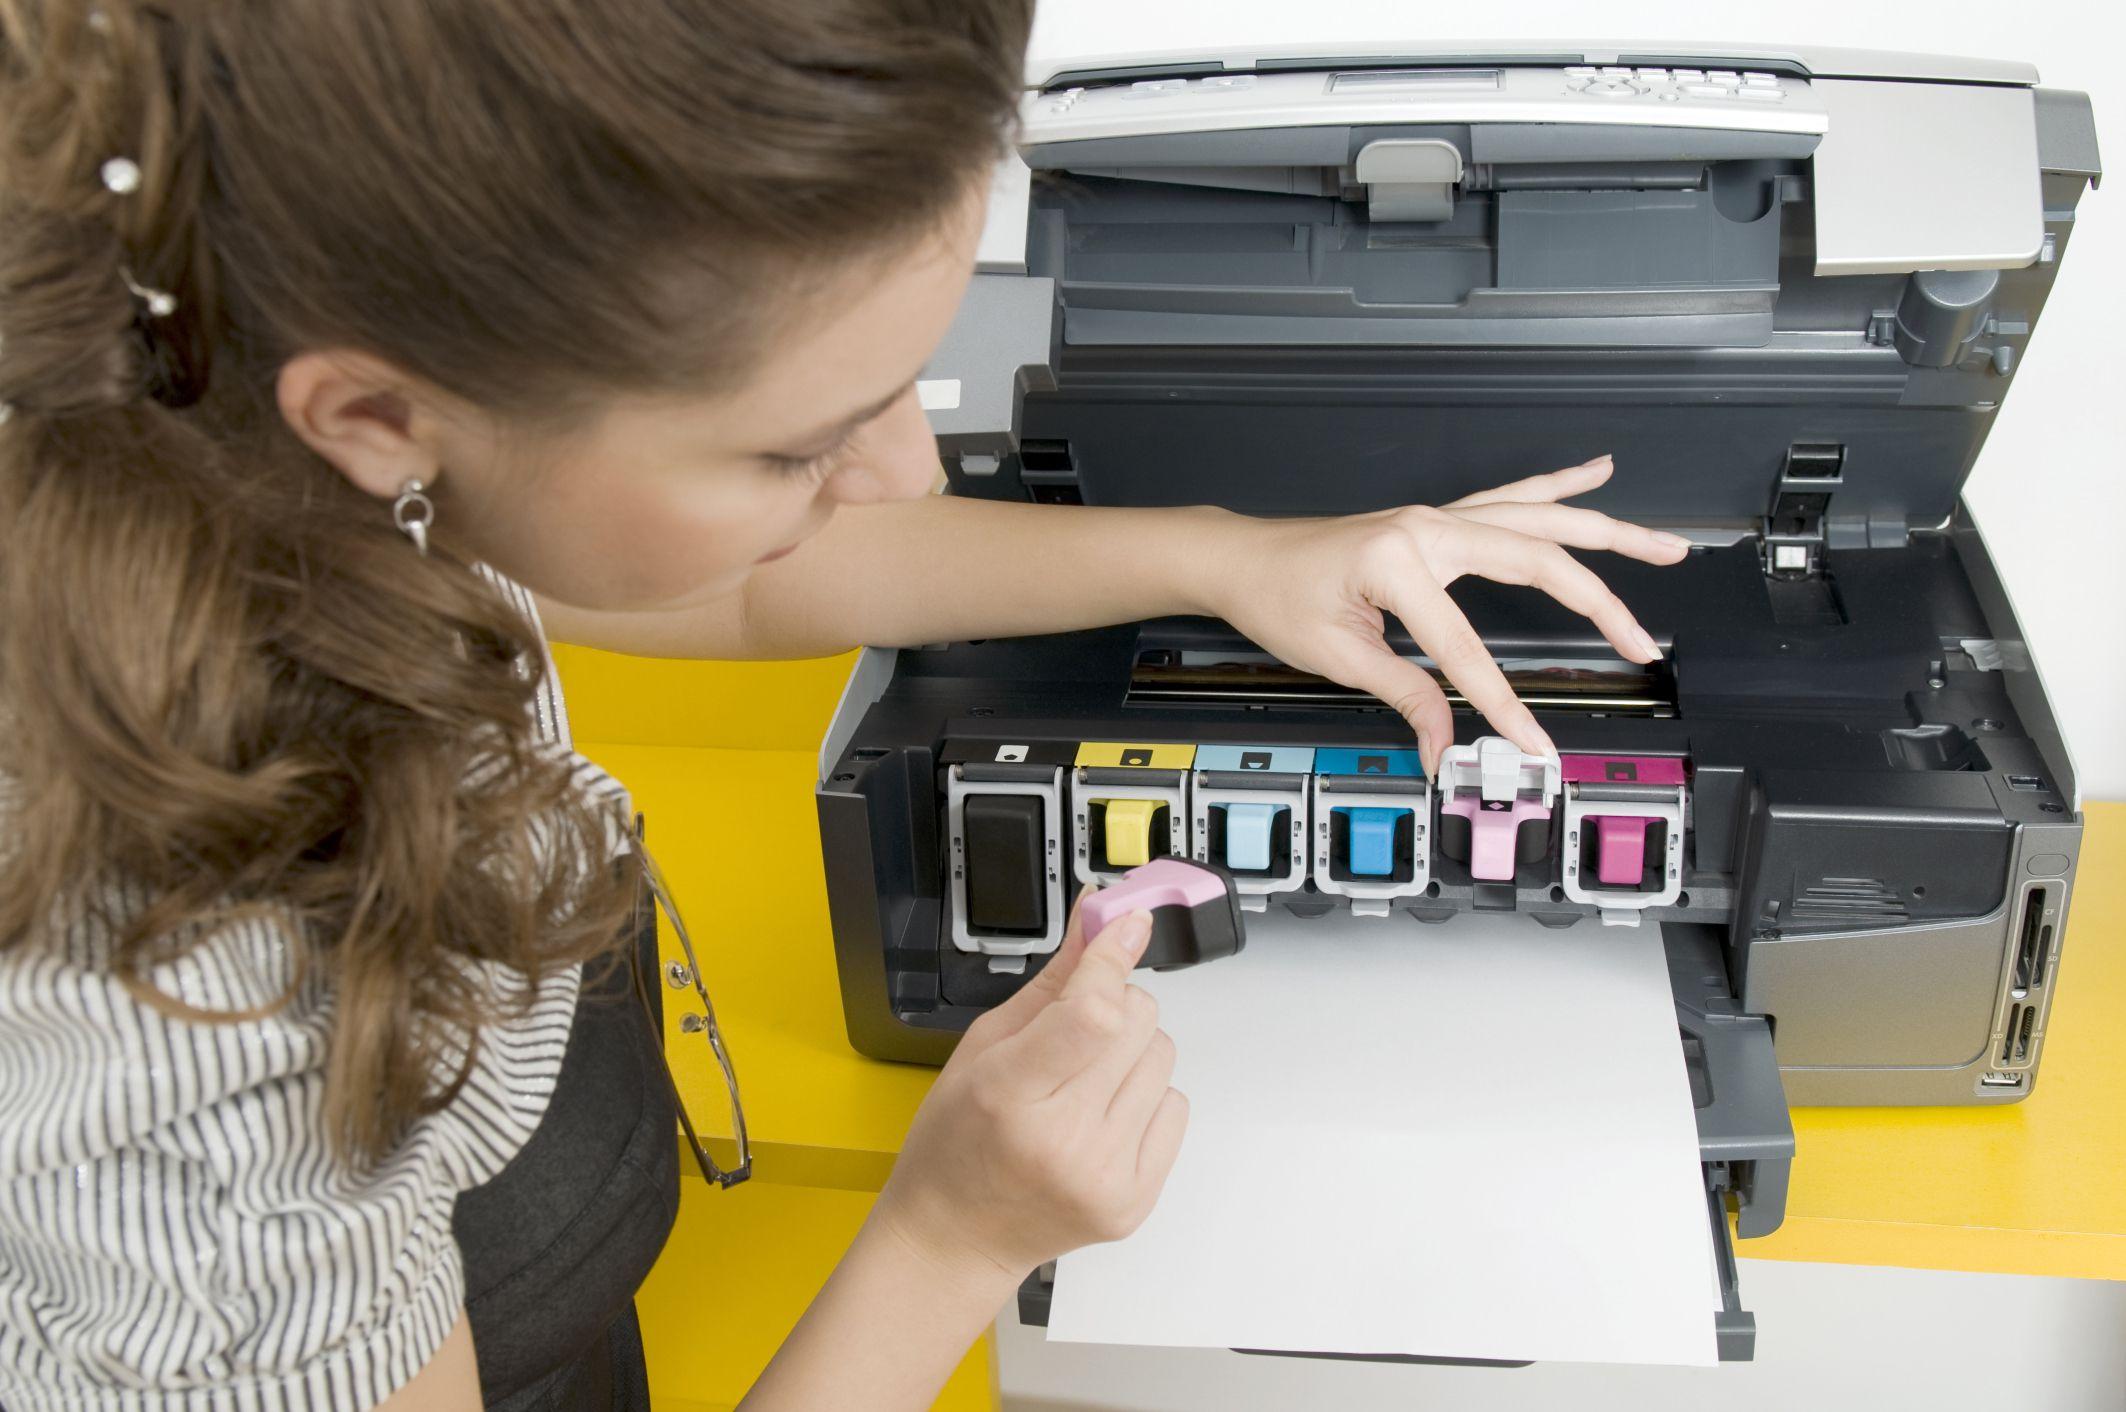 191 Qu 233 Es Una Impresora De Inyecci 243 N De Tinta